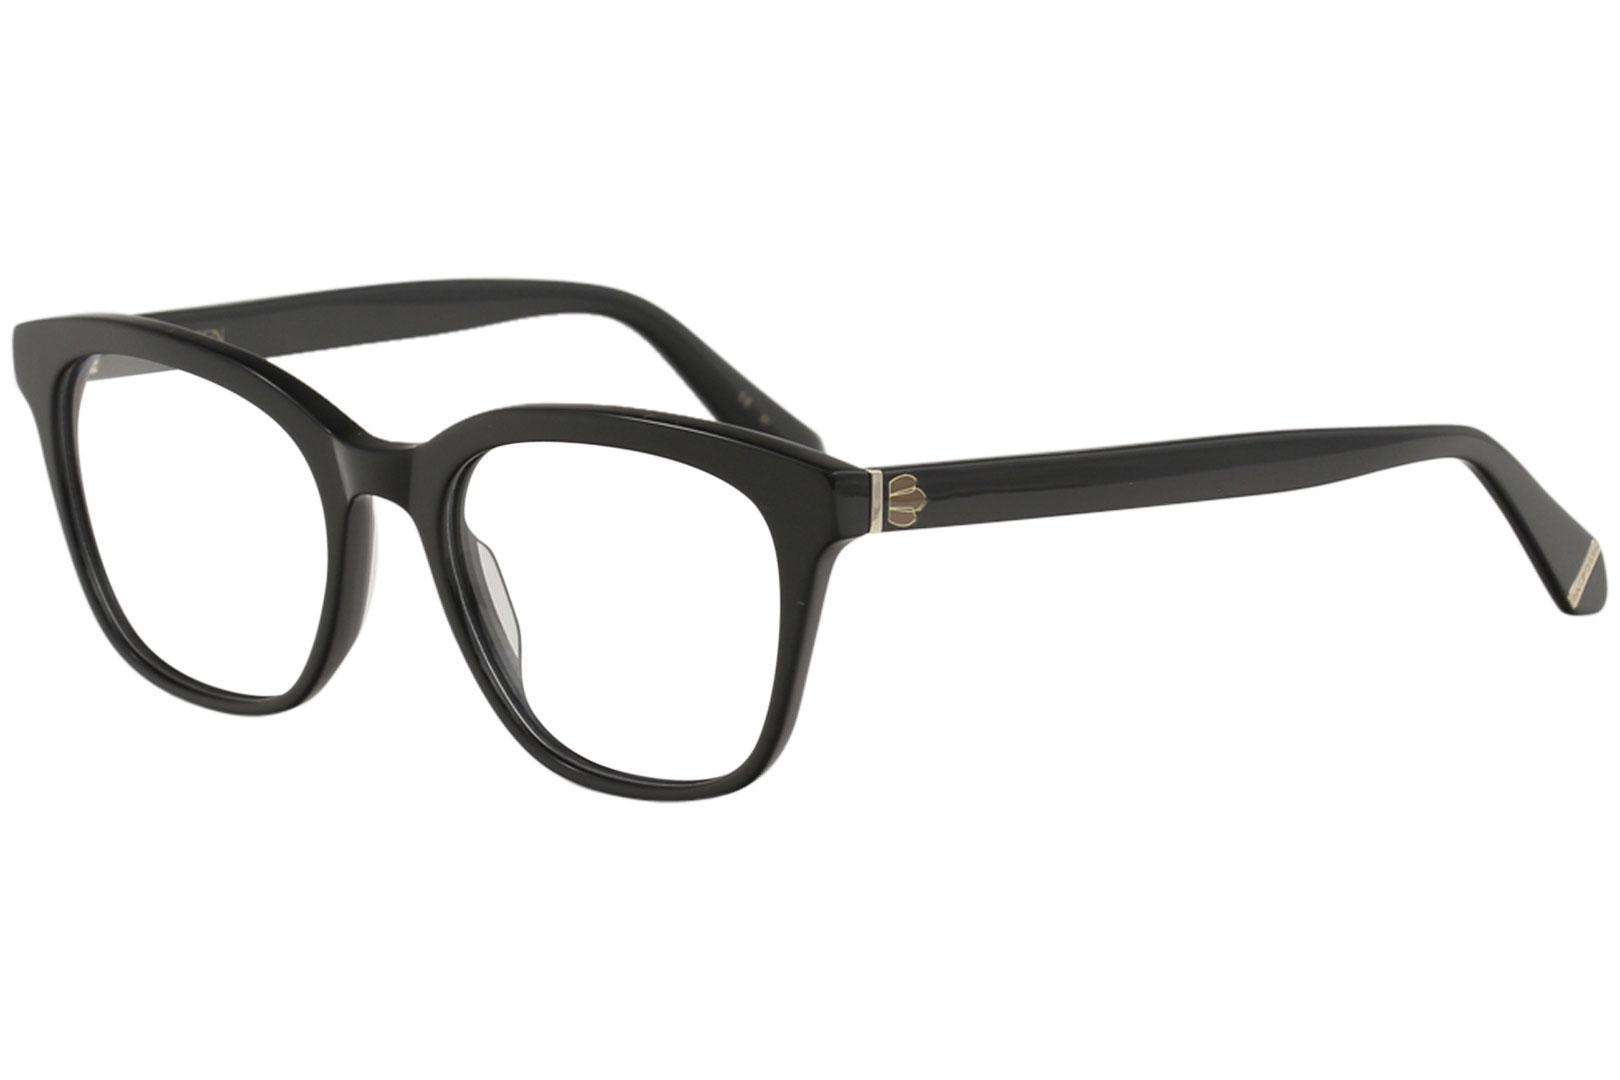 Image of Zac Posen Women's Eyeglasses Beshka Full Rim Optical Frame - Black   BK - Lens 51 Bridge 18 Temple 140mm